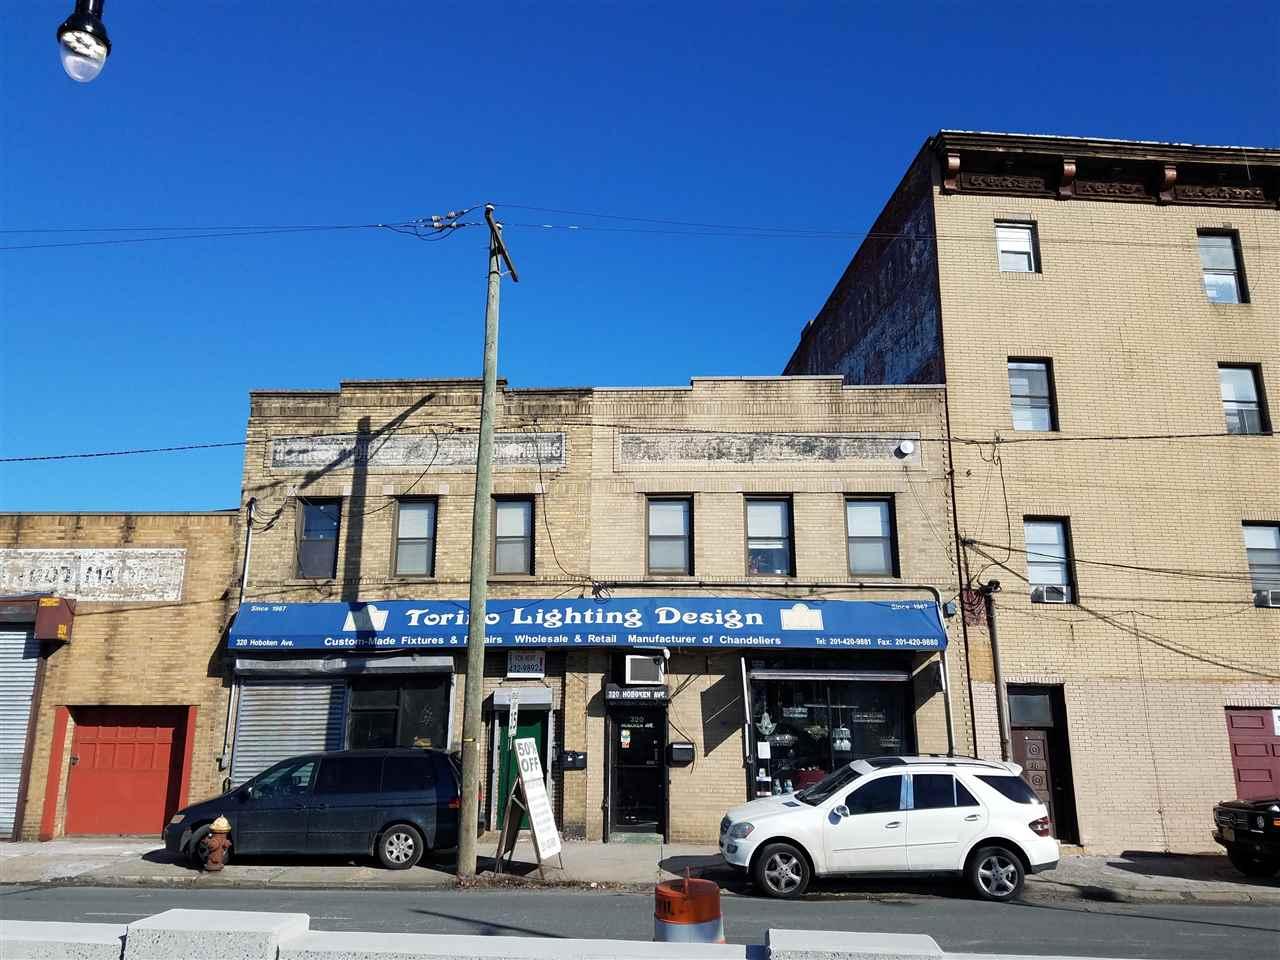 320 - 322 HOBOKEN AVE, JC, Journal Square, NJ 07306